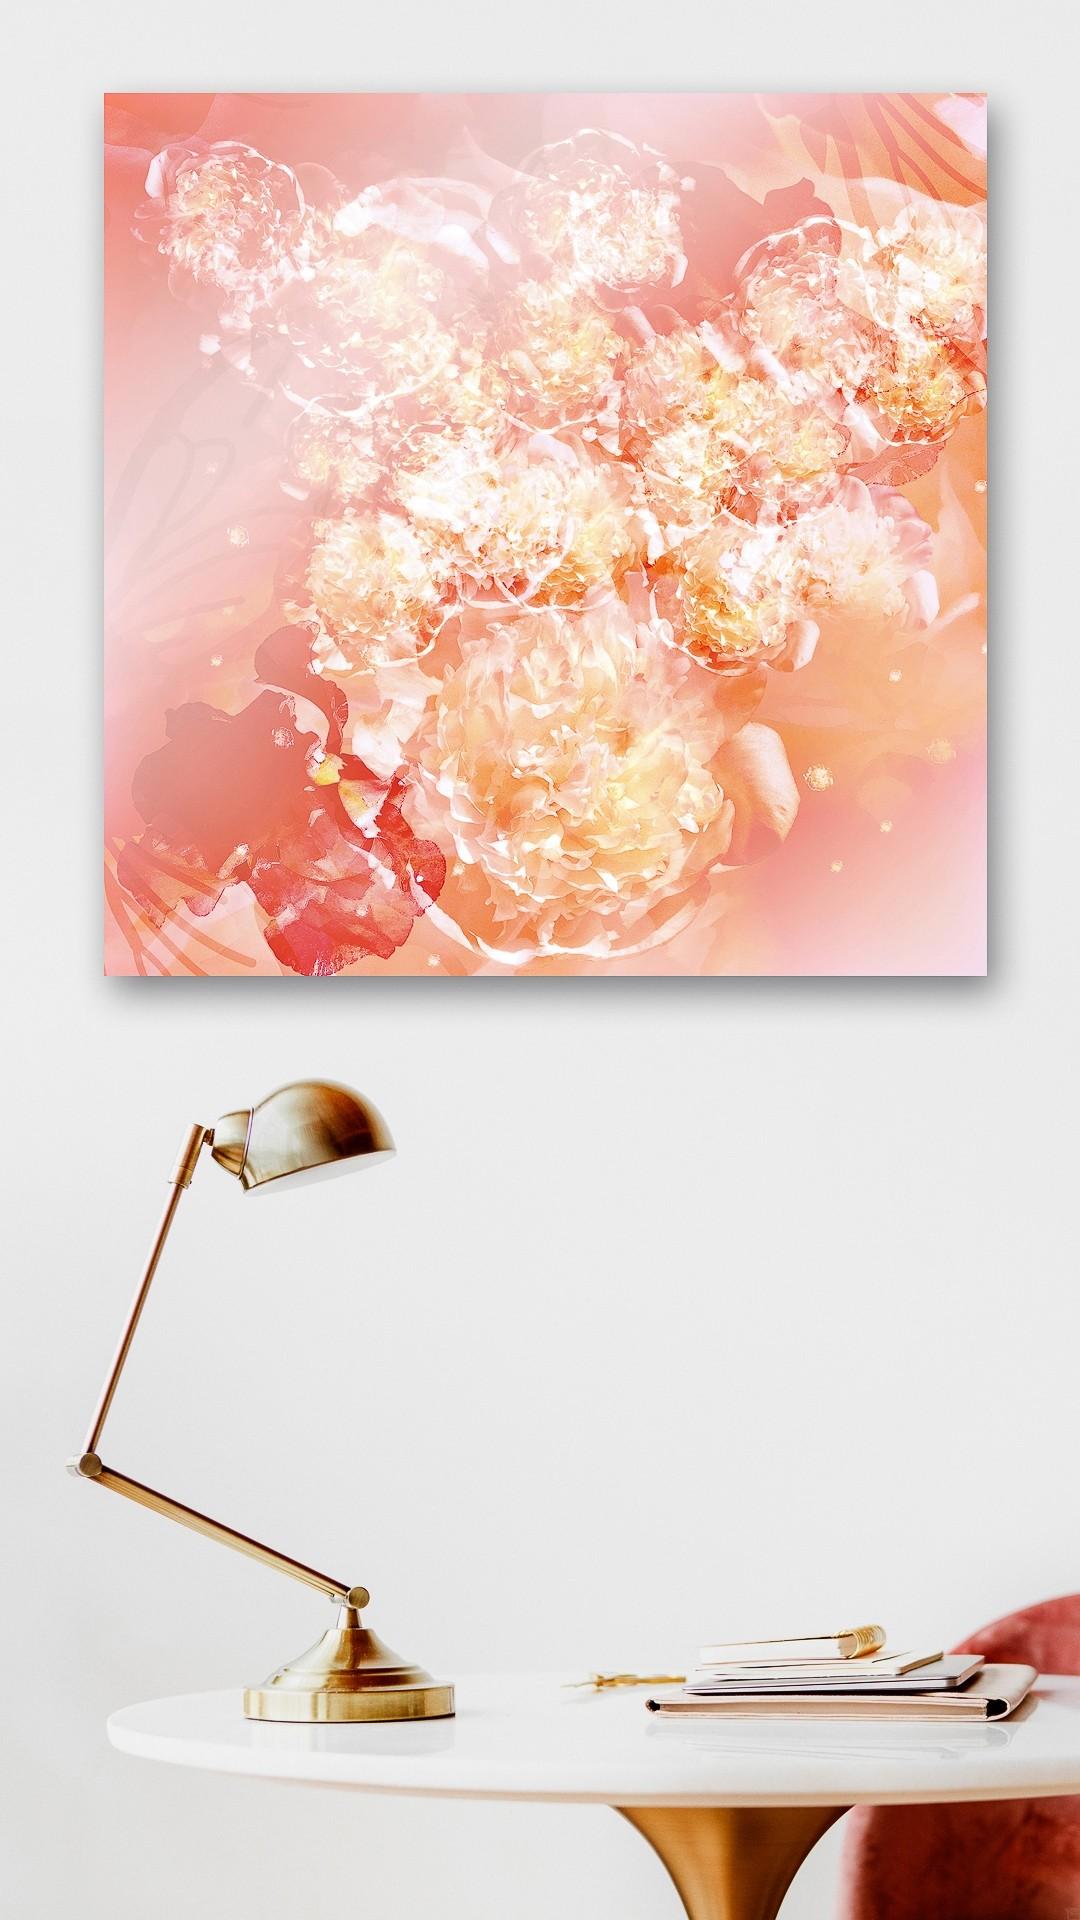 Flower Explosion | Fotografie von Theresa Lambrecht, Fotodruck auf Alu-Dibond, limitierte Edition - 2